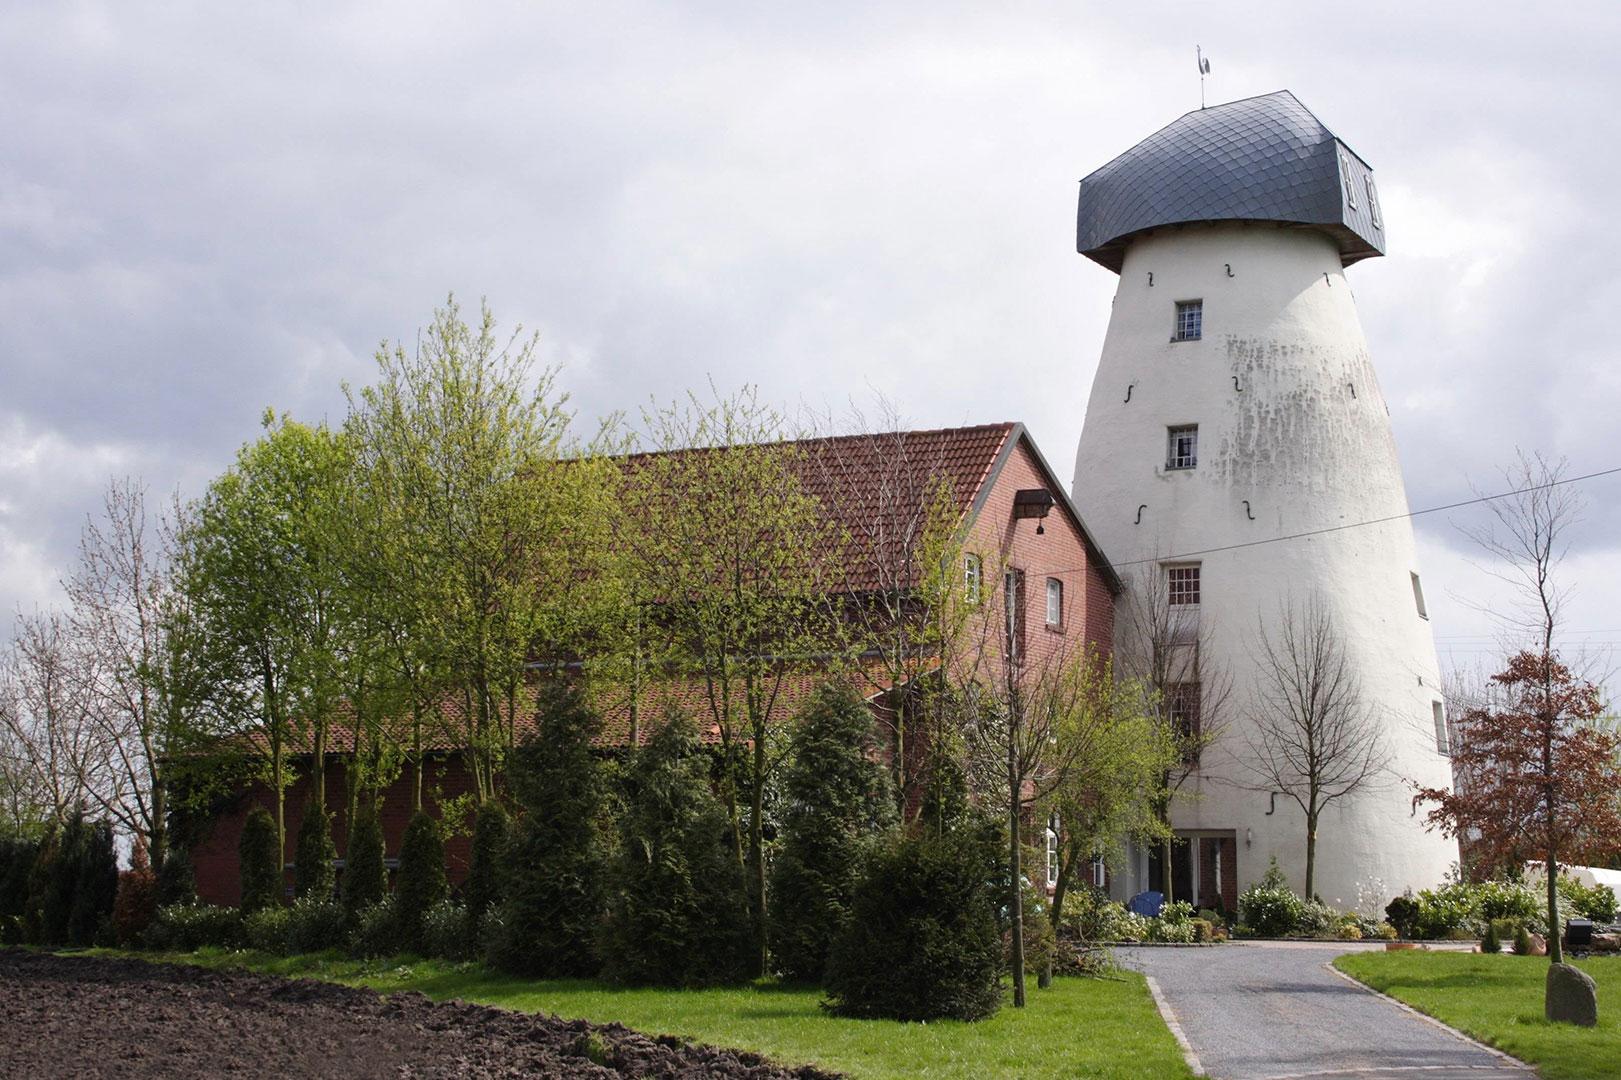 Werseradweg – Runde von Münster Zentrum Nord